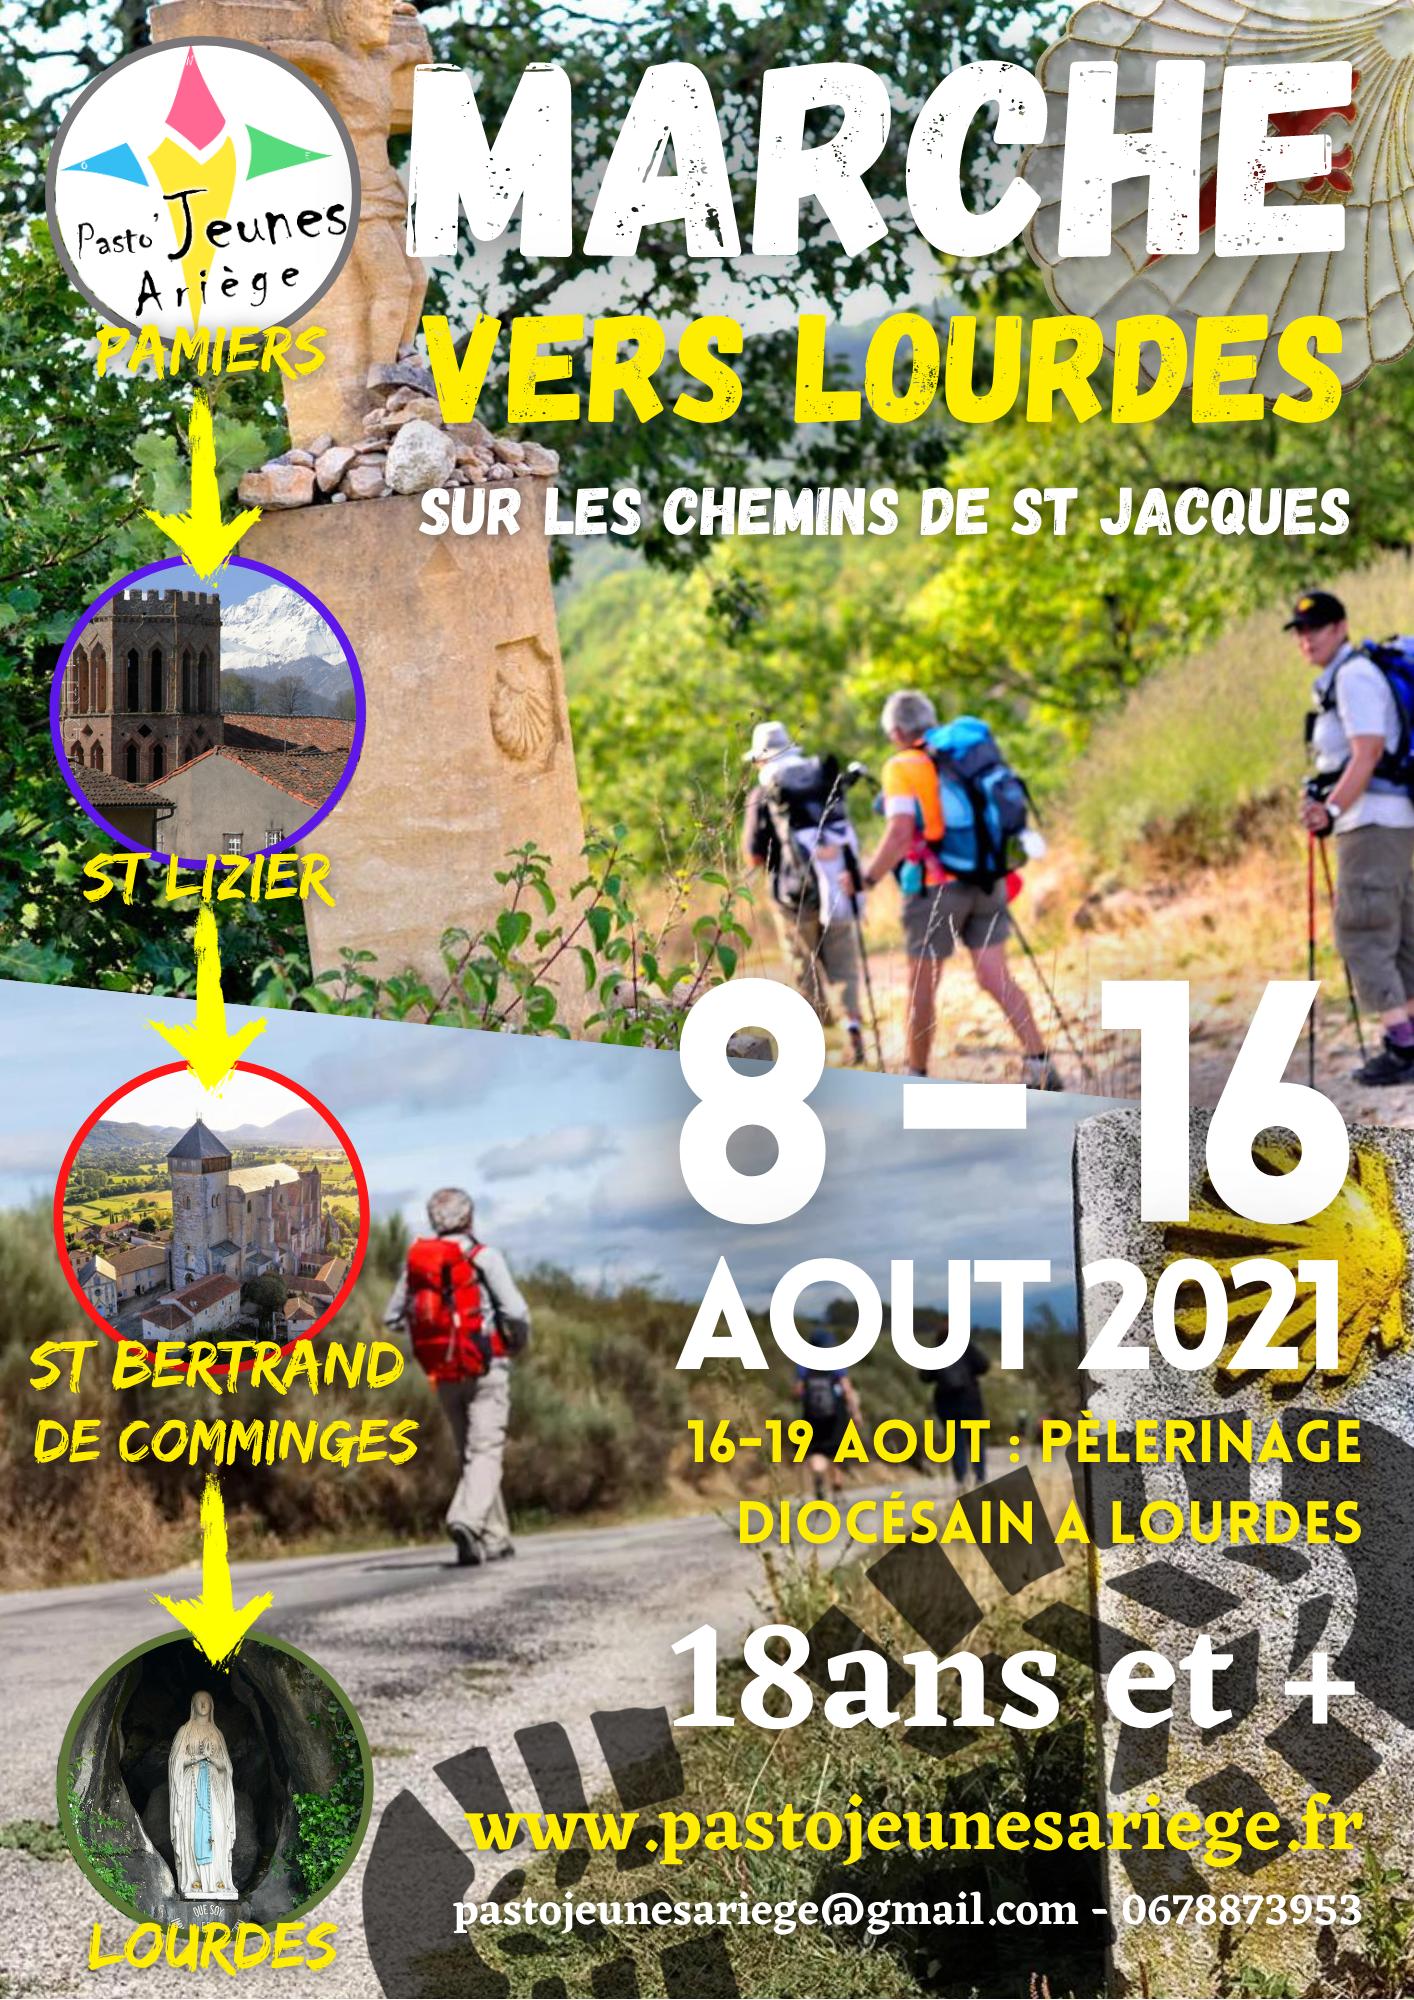 PAMIERS-LOURDES sur les Chemins de St Jacques